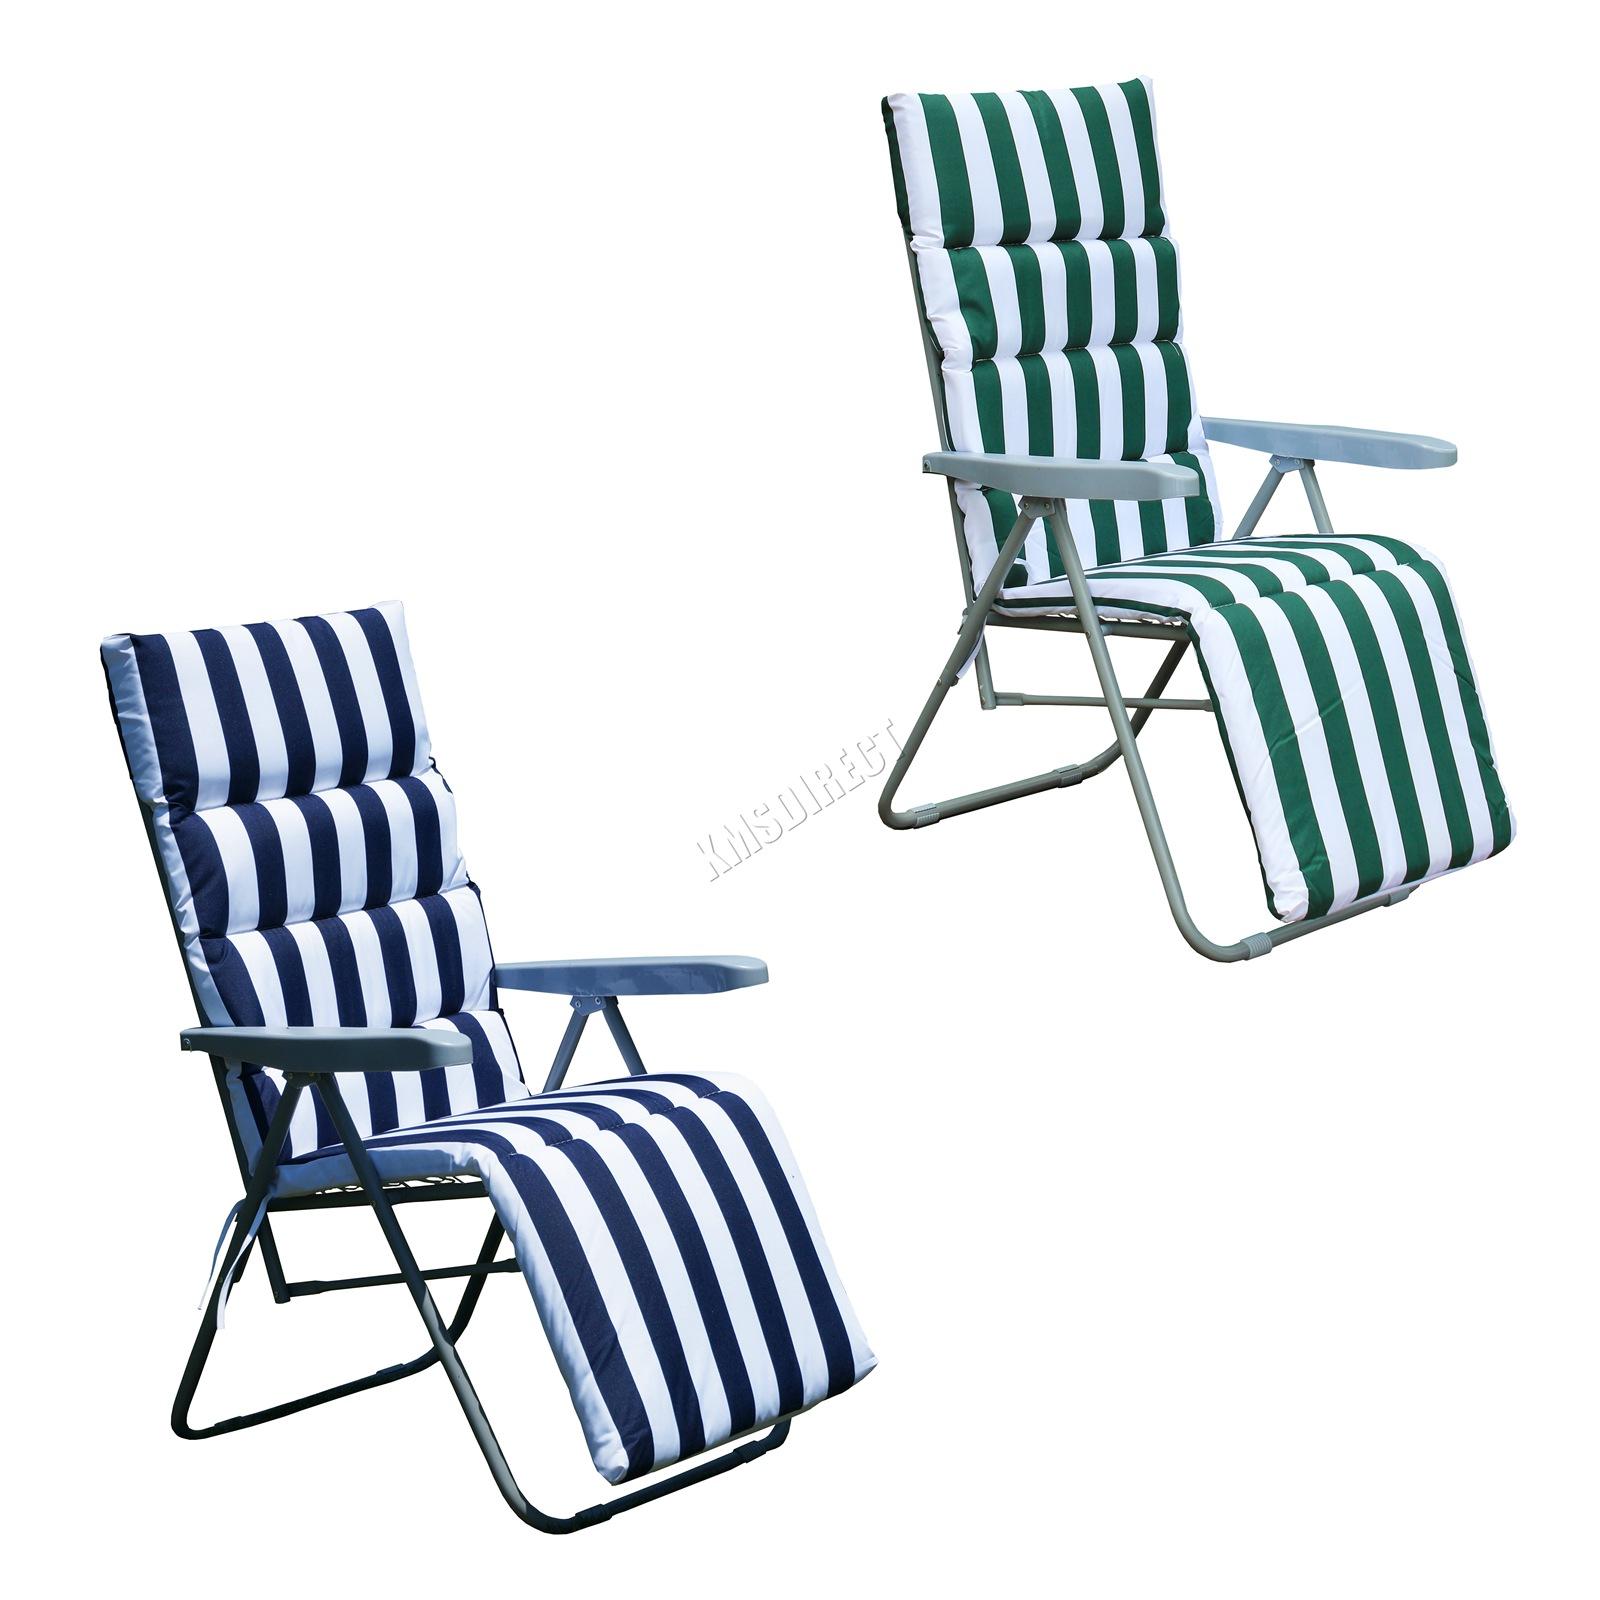 medical reclining chairs uk cheap kids foxhunter 2 x sun recliner garden relaxer